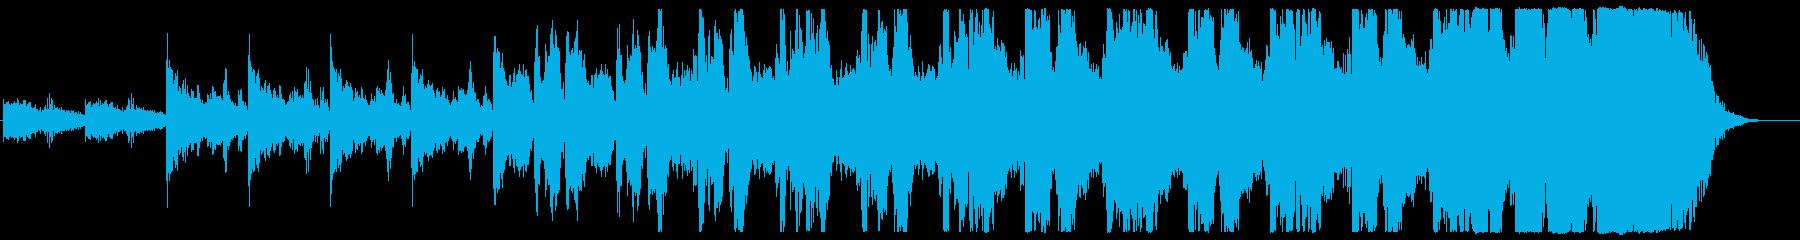 ブレイクビーツ 実験的な 未来 テ...の再生済みの波形